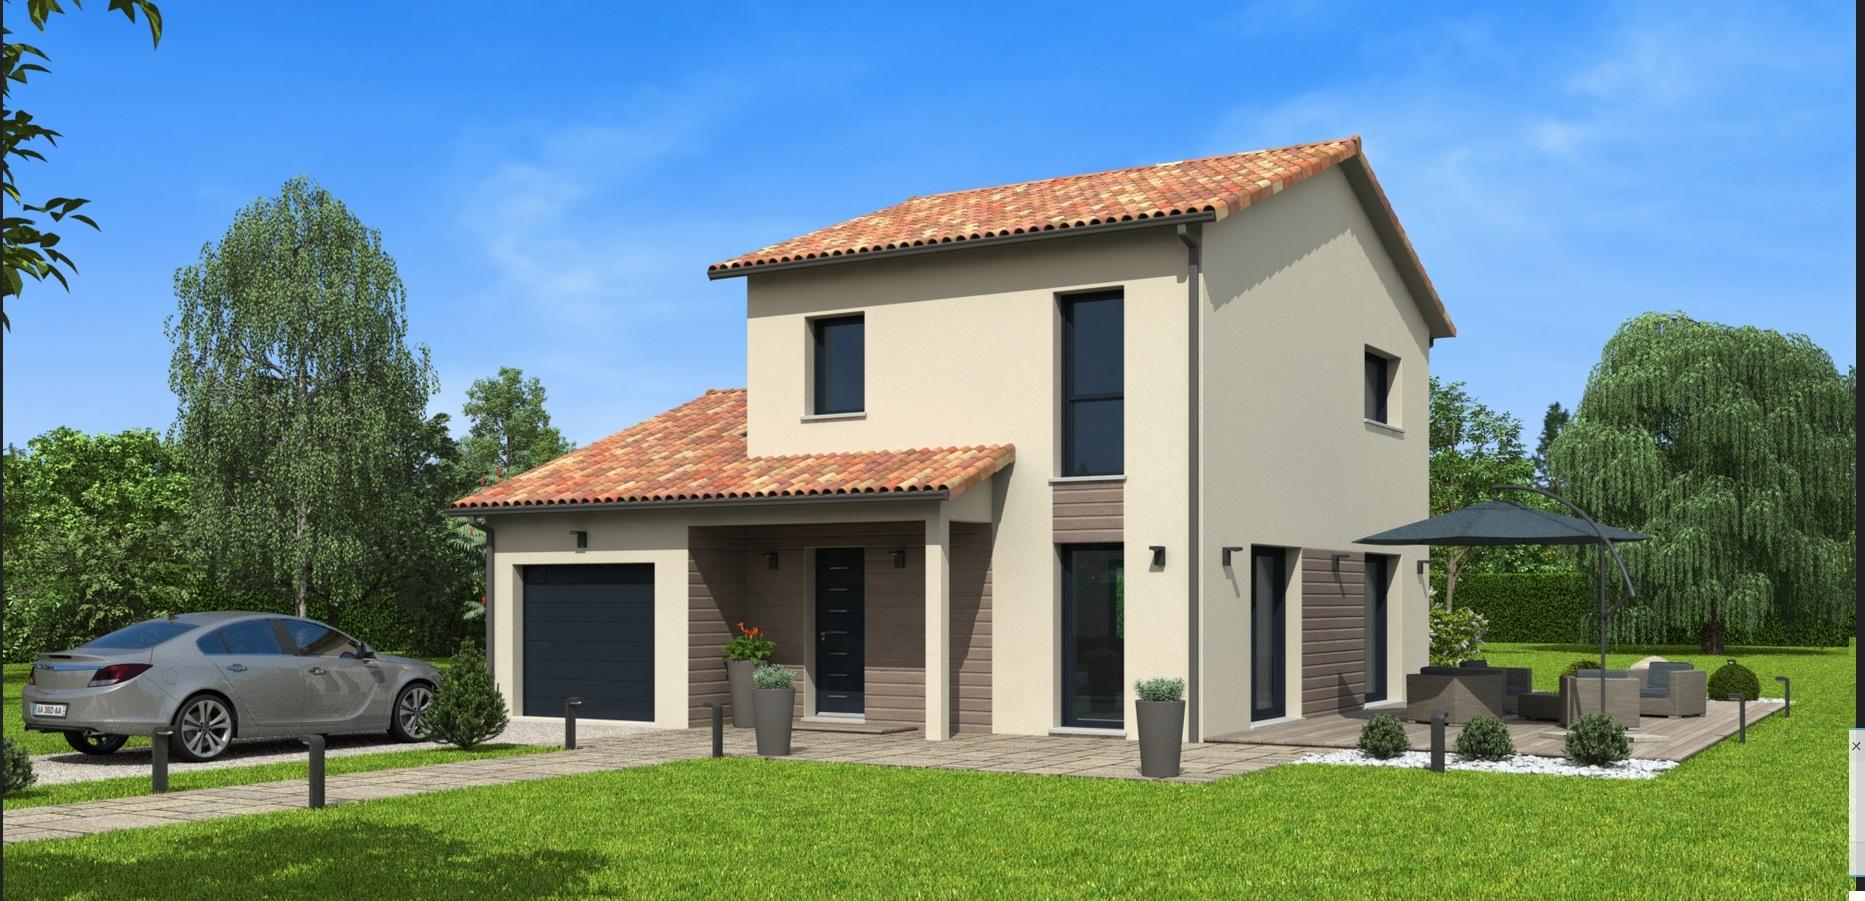 Maisons du constructeur NATILIA AVIGNON • 98 m² • SORGUES